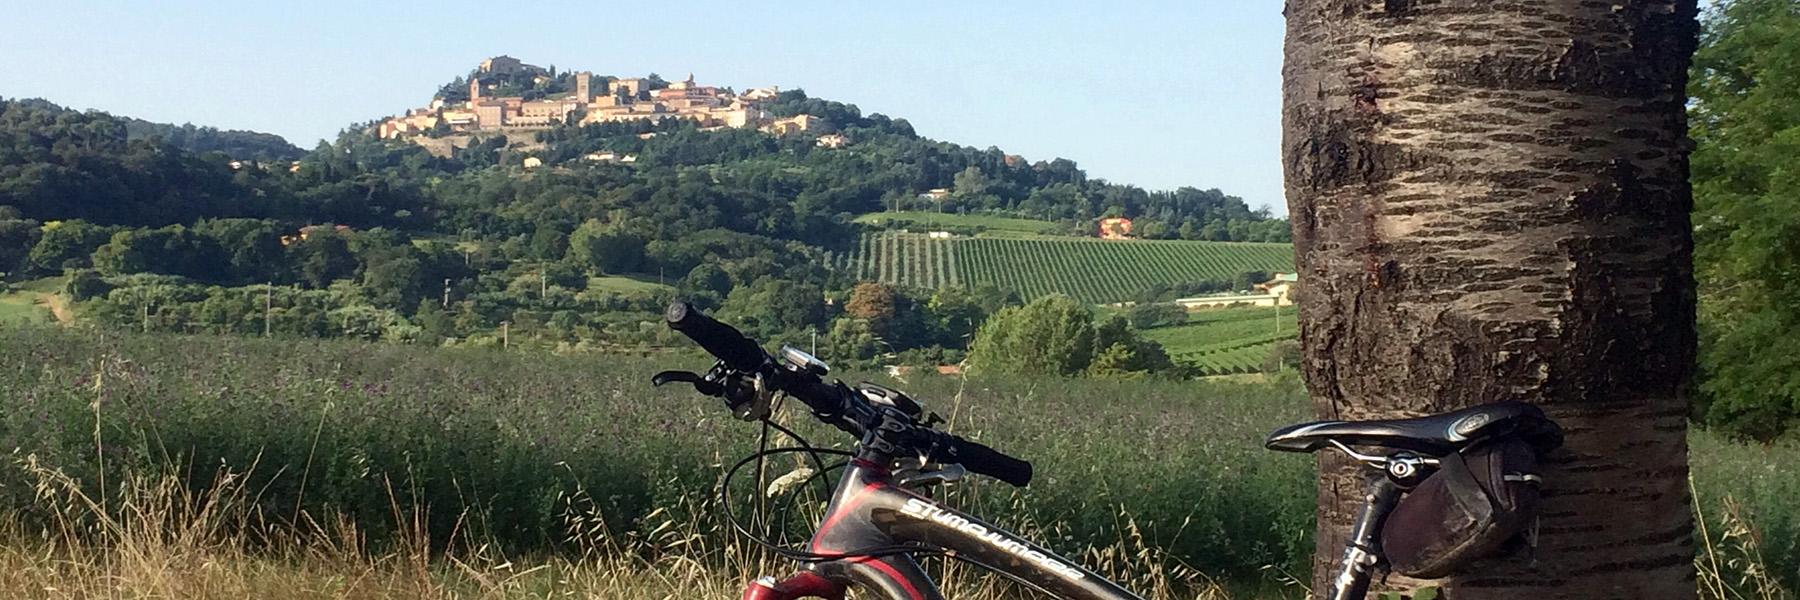 Tour d'un jour en vélo au San Bartolo Parc